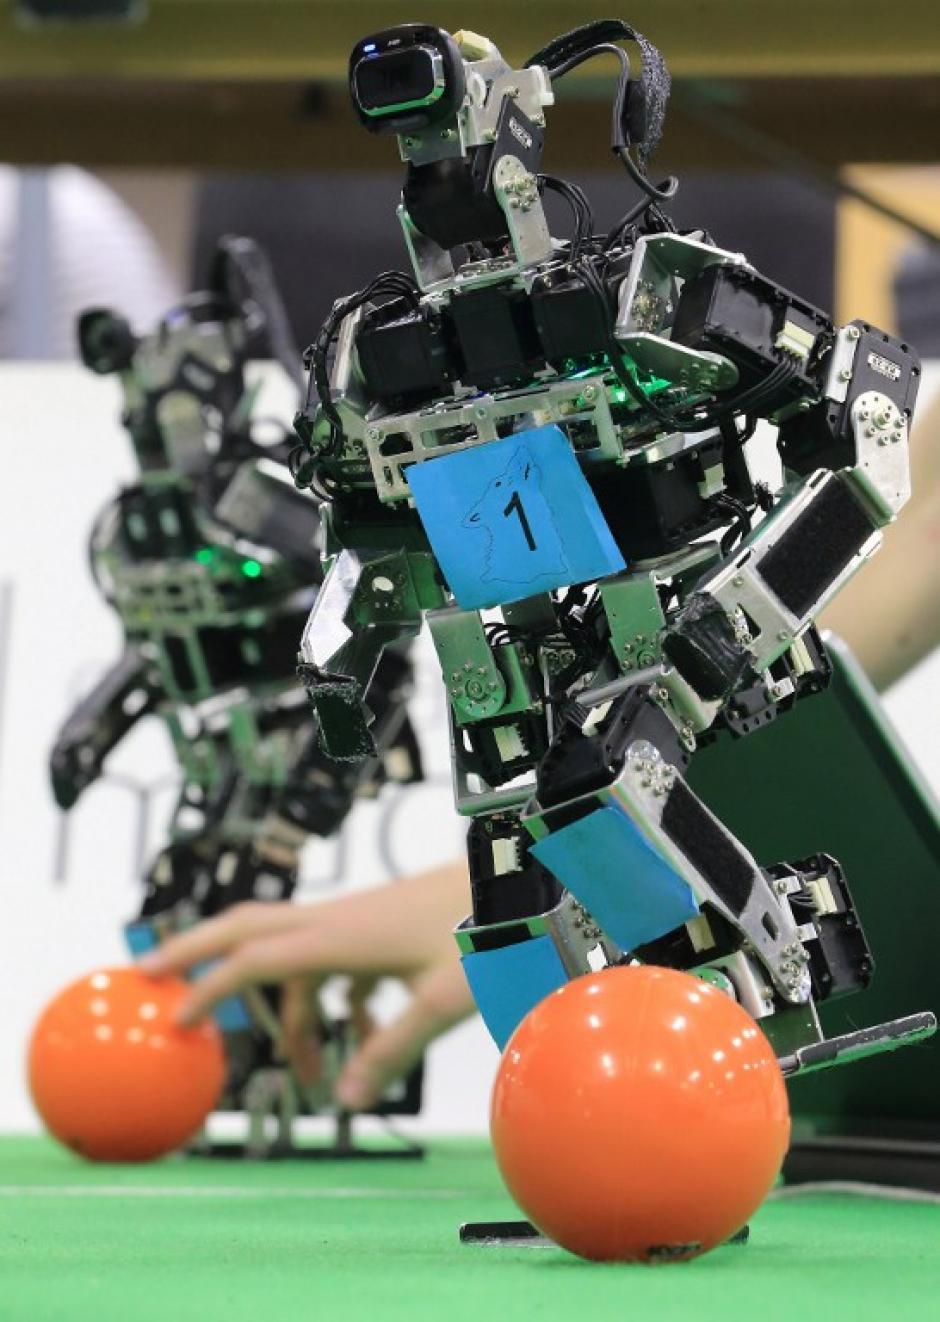 La próxima gran competición mundial de la RoboCub será este verano en Brasil, coincidiendo con el mundial de fútbol. (Foto: AFP)